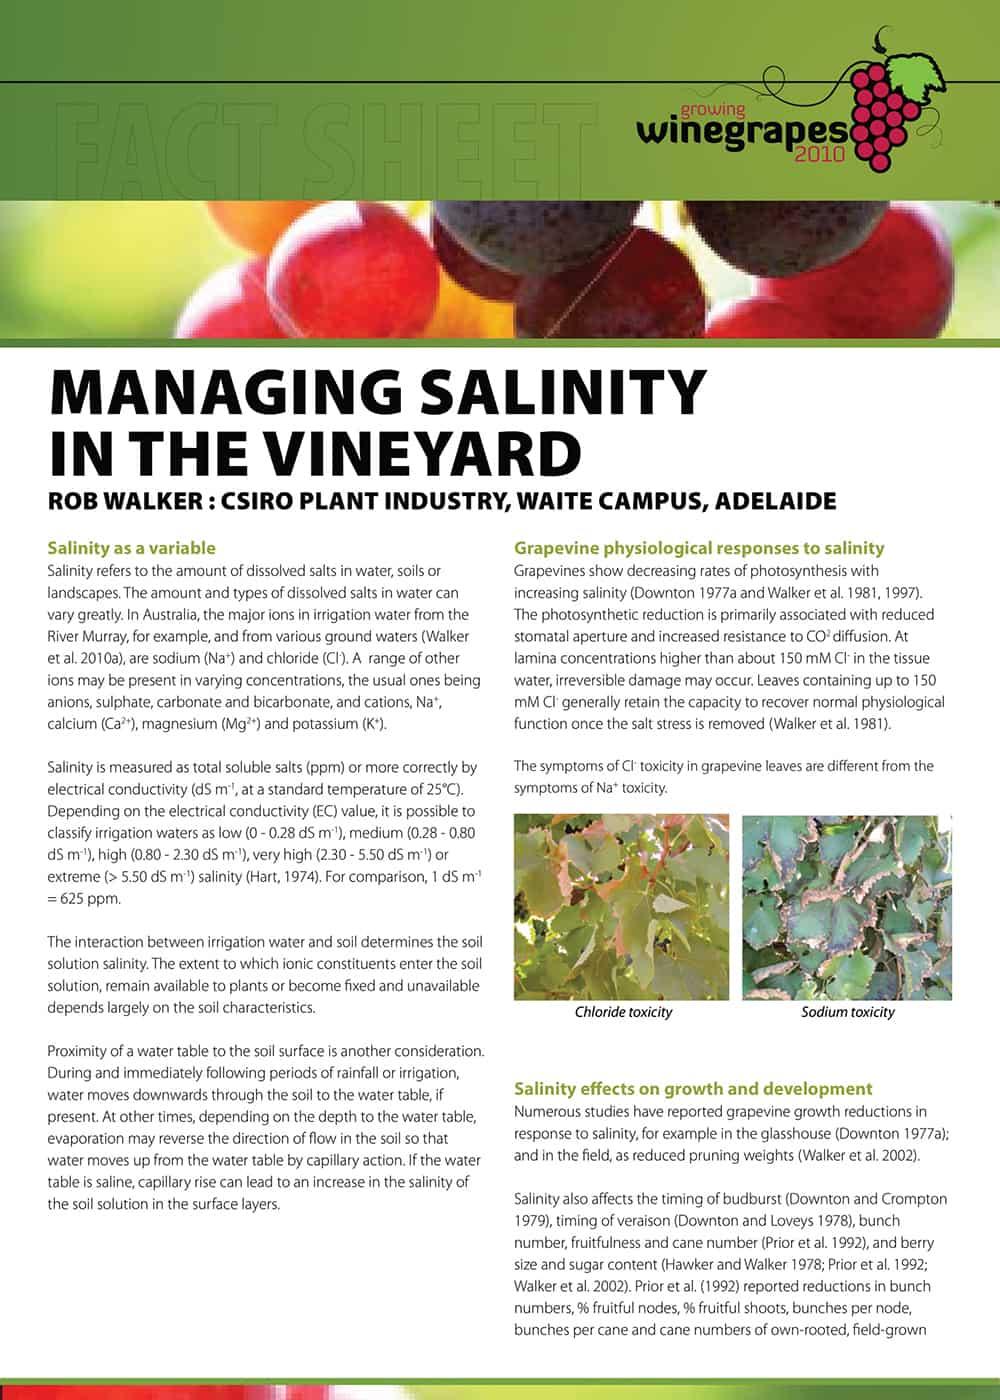 Managing Salinity in the Vineyard